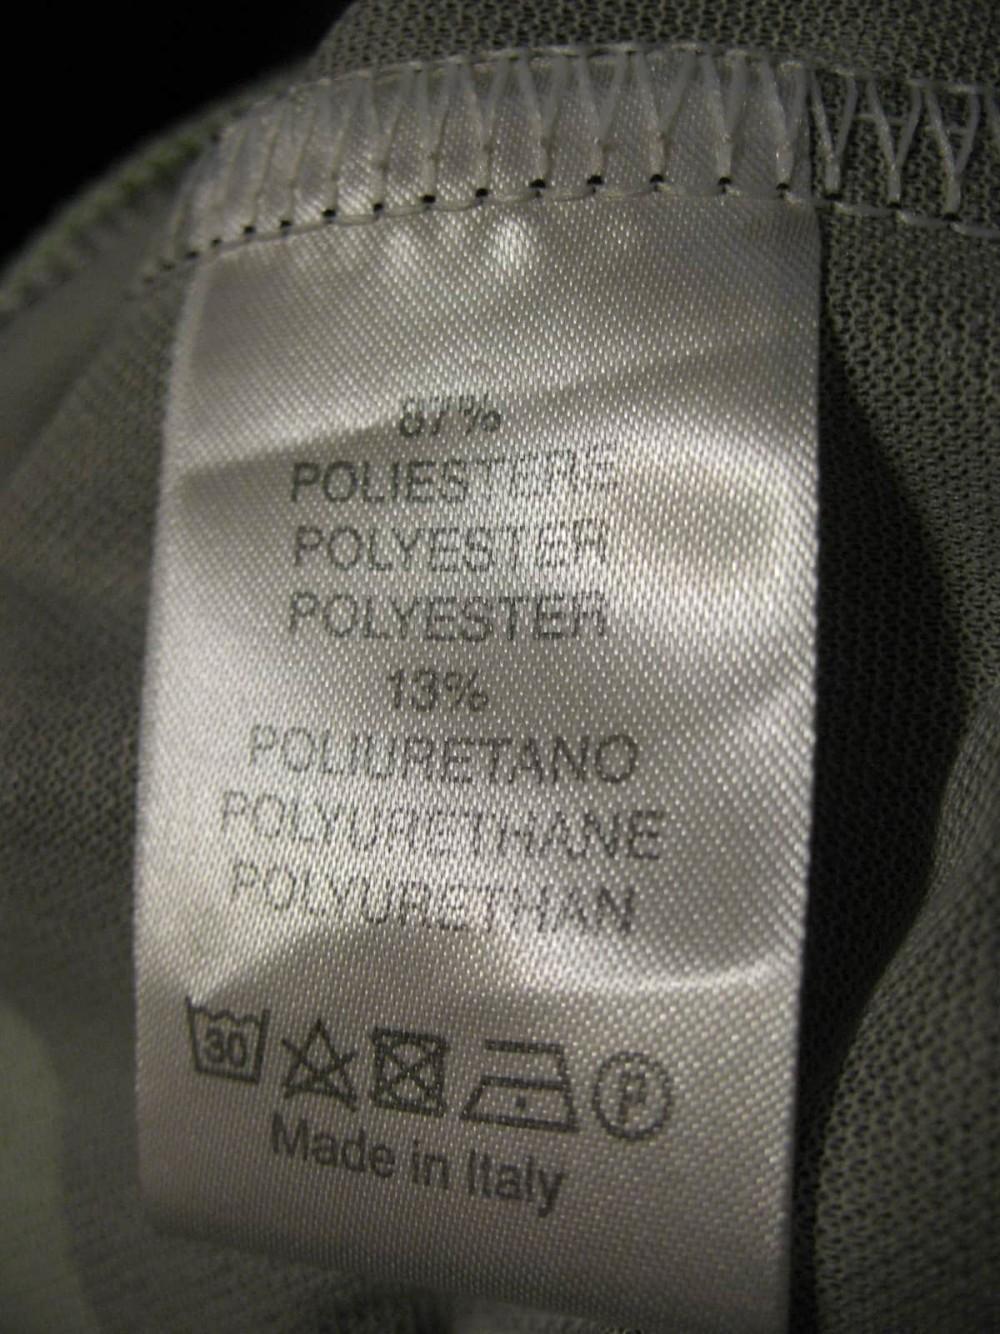 Велокуртка MOLON LABE scott campana jacket (размер L) - 4